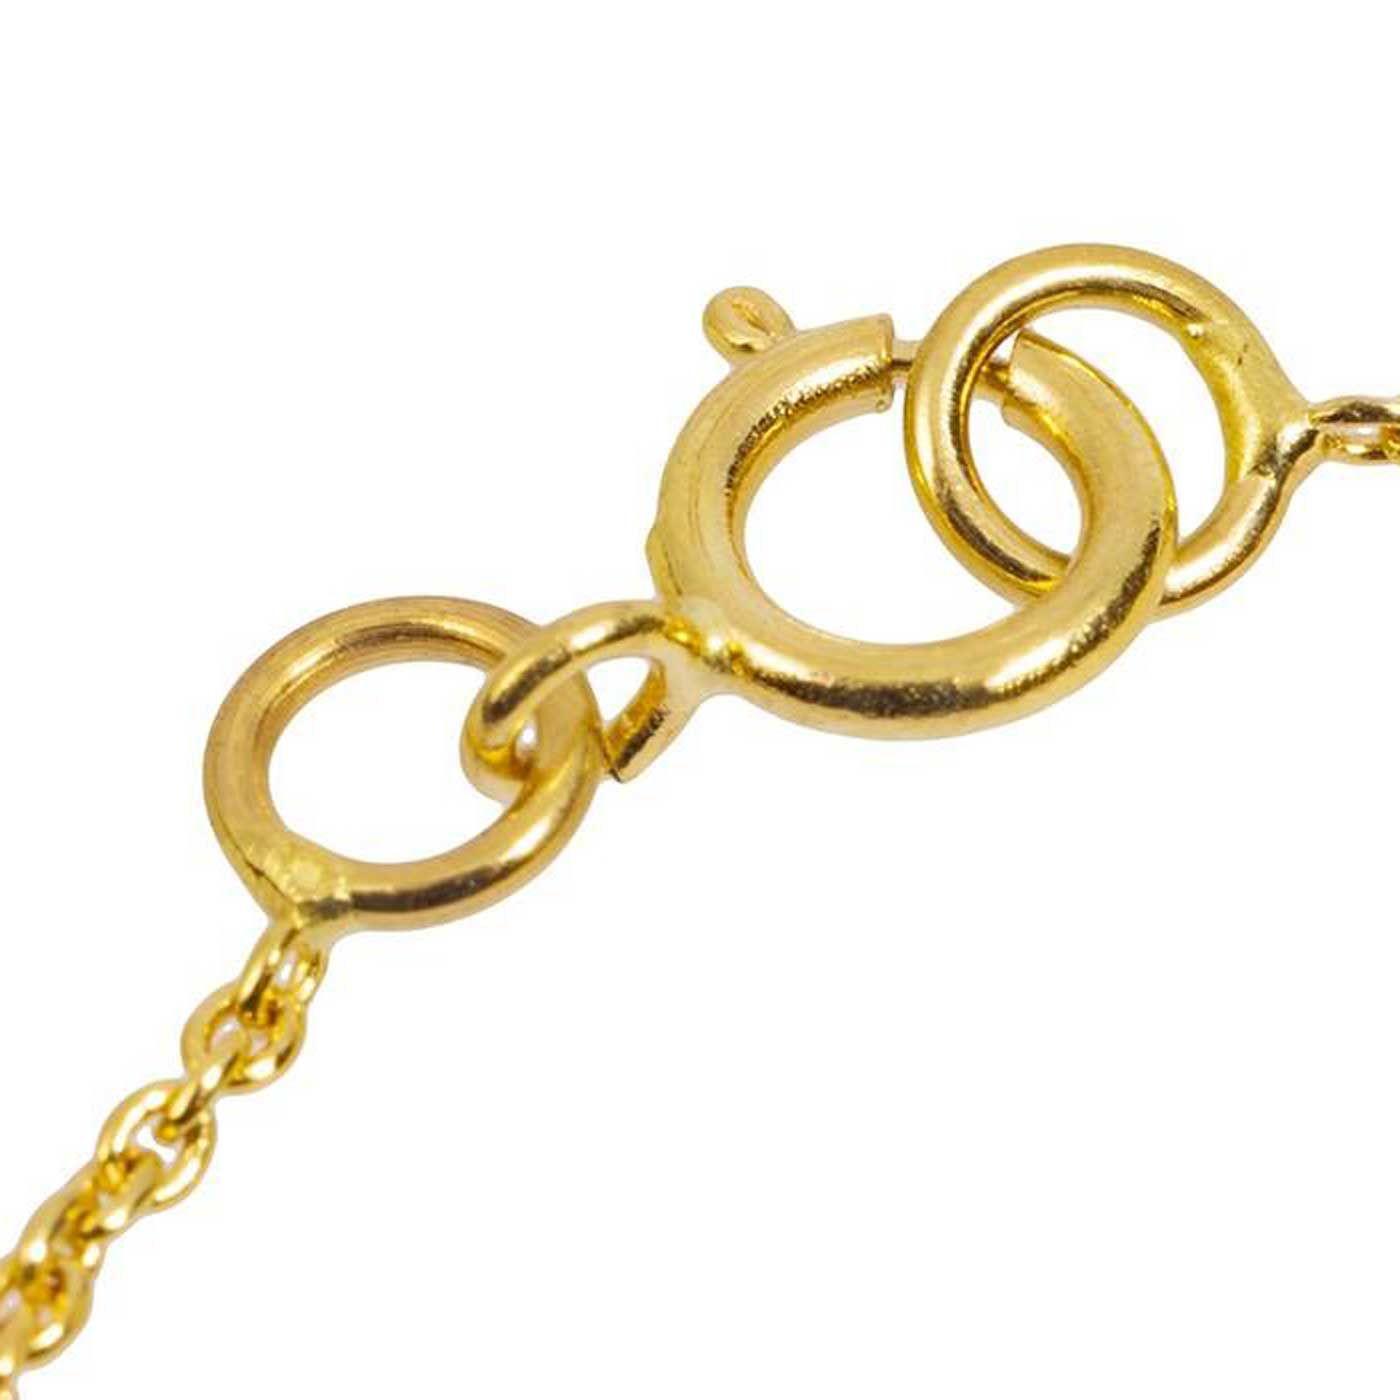 آویز ساعت طلا 18 عیار زنانه کانیار گالری کد AS90 -  - 3